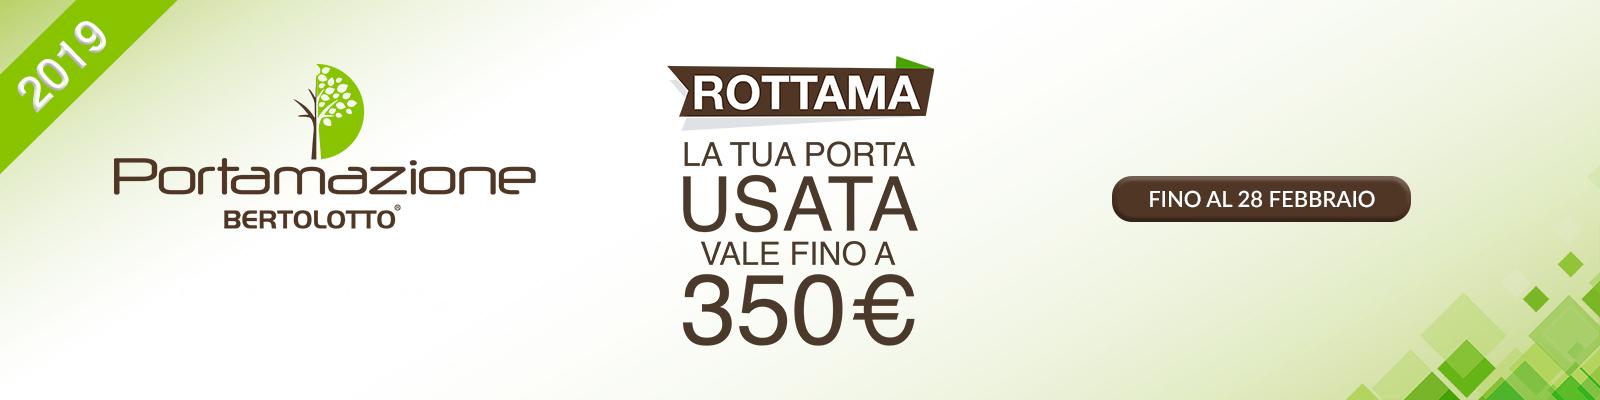 Promo Portamazione 2019